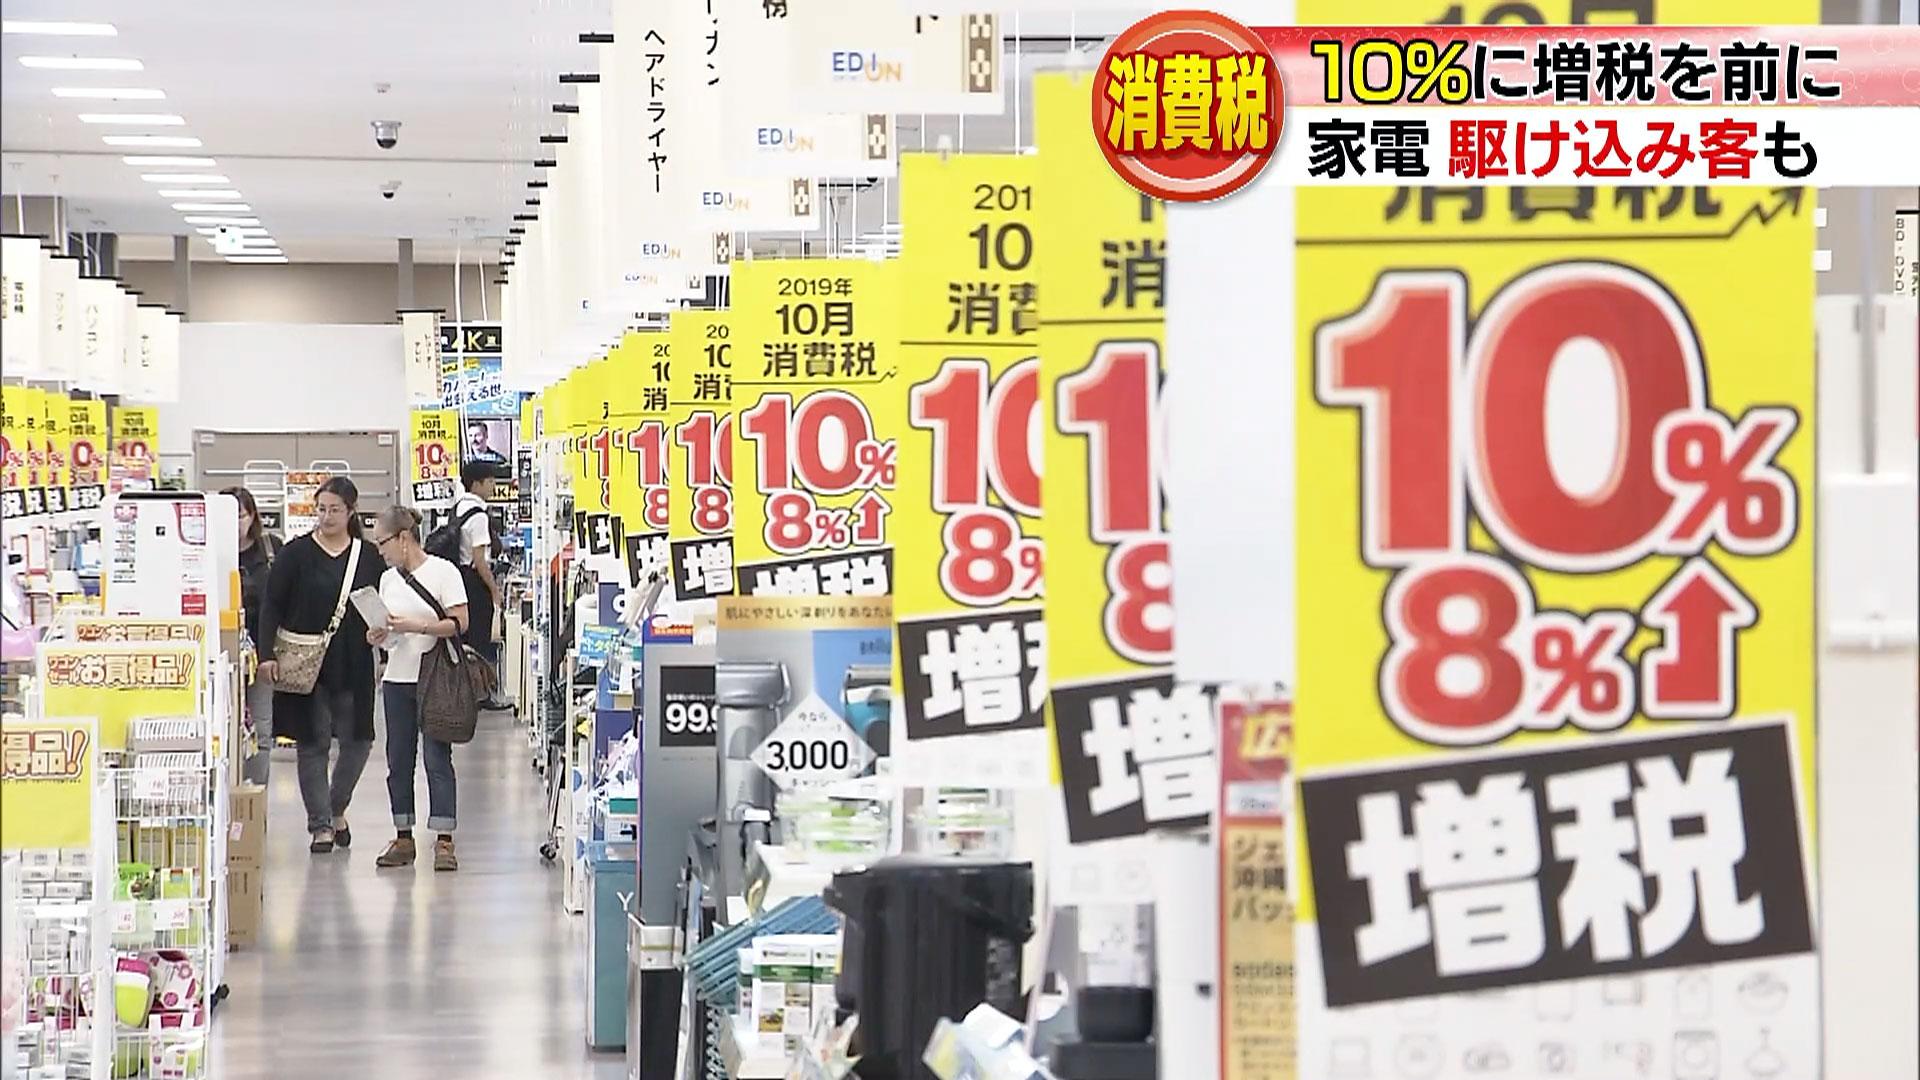 あすから消費税10% 駆け込み客も